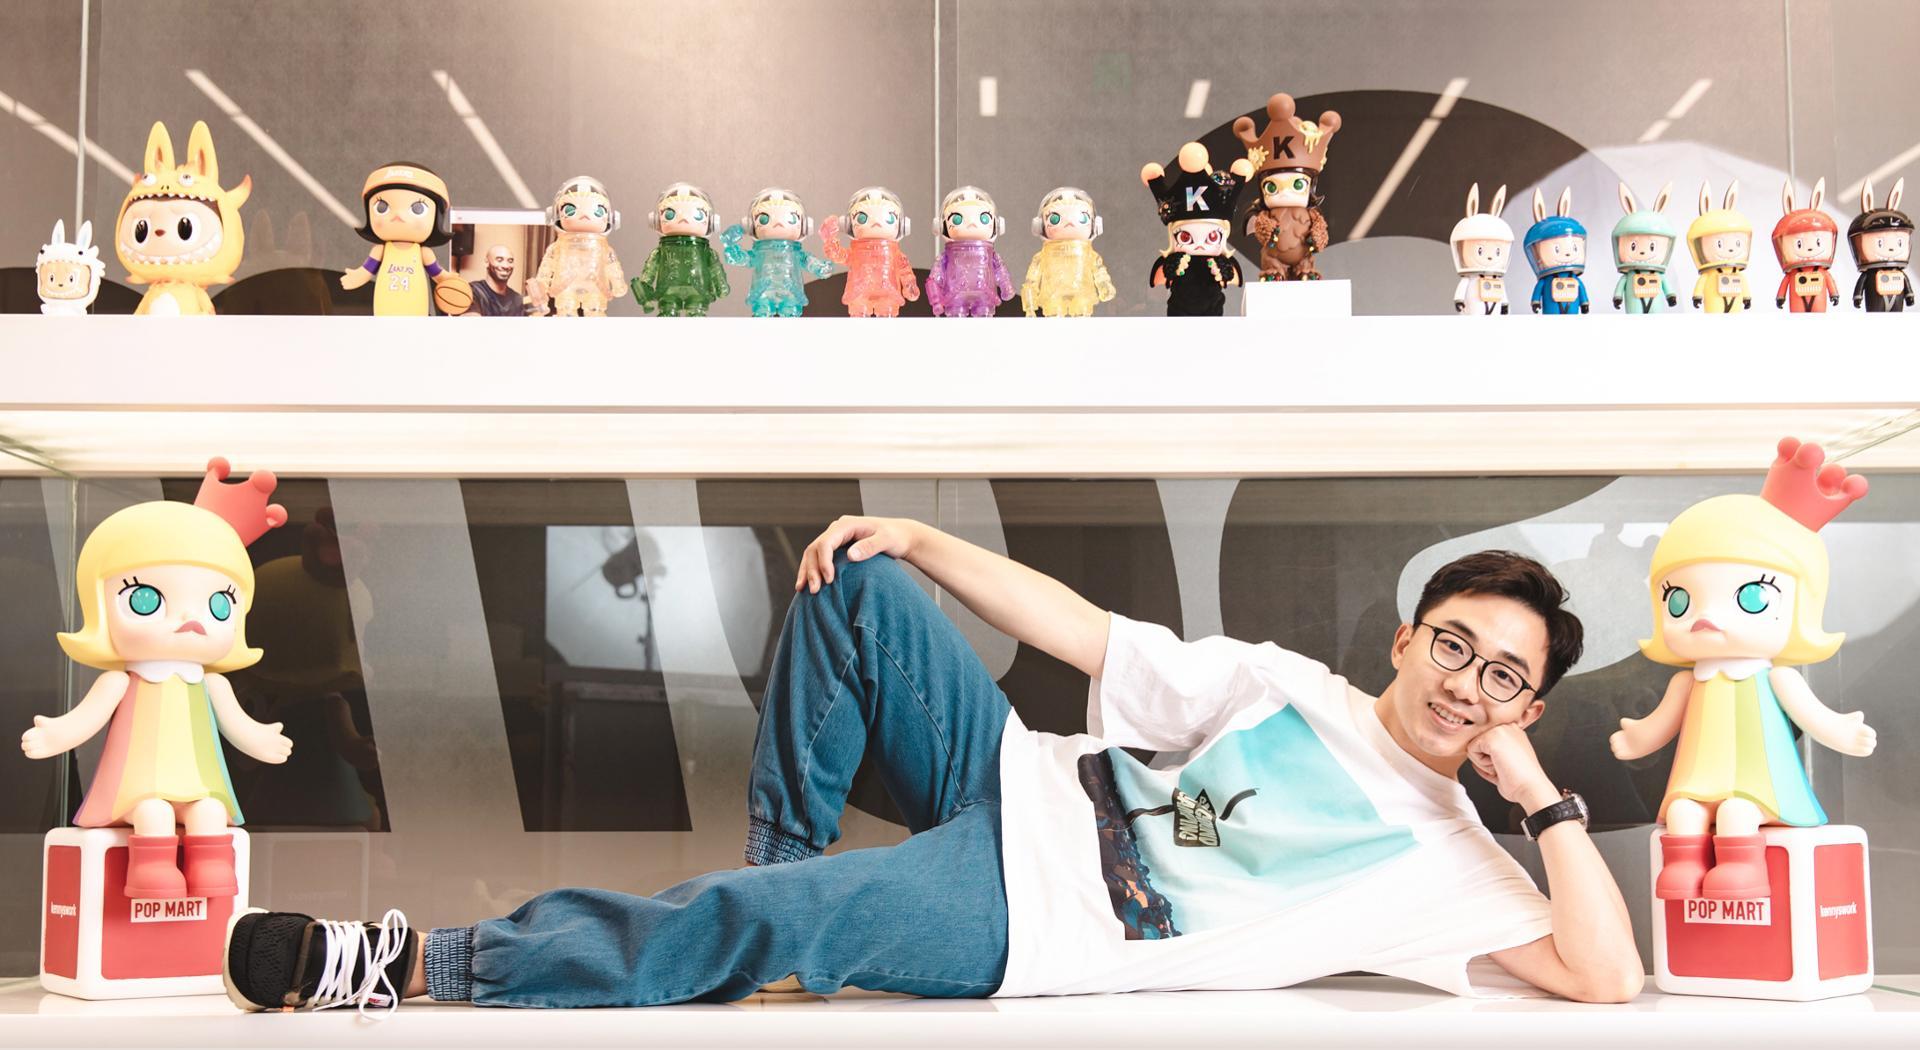 Ніхто не знає, що в коробці: як іграшки по $8 допомогли 33-річному китайцю стати мільярдером - news, story, business